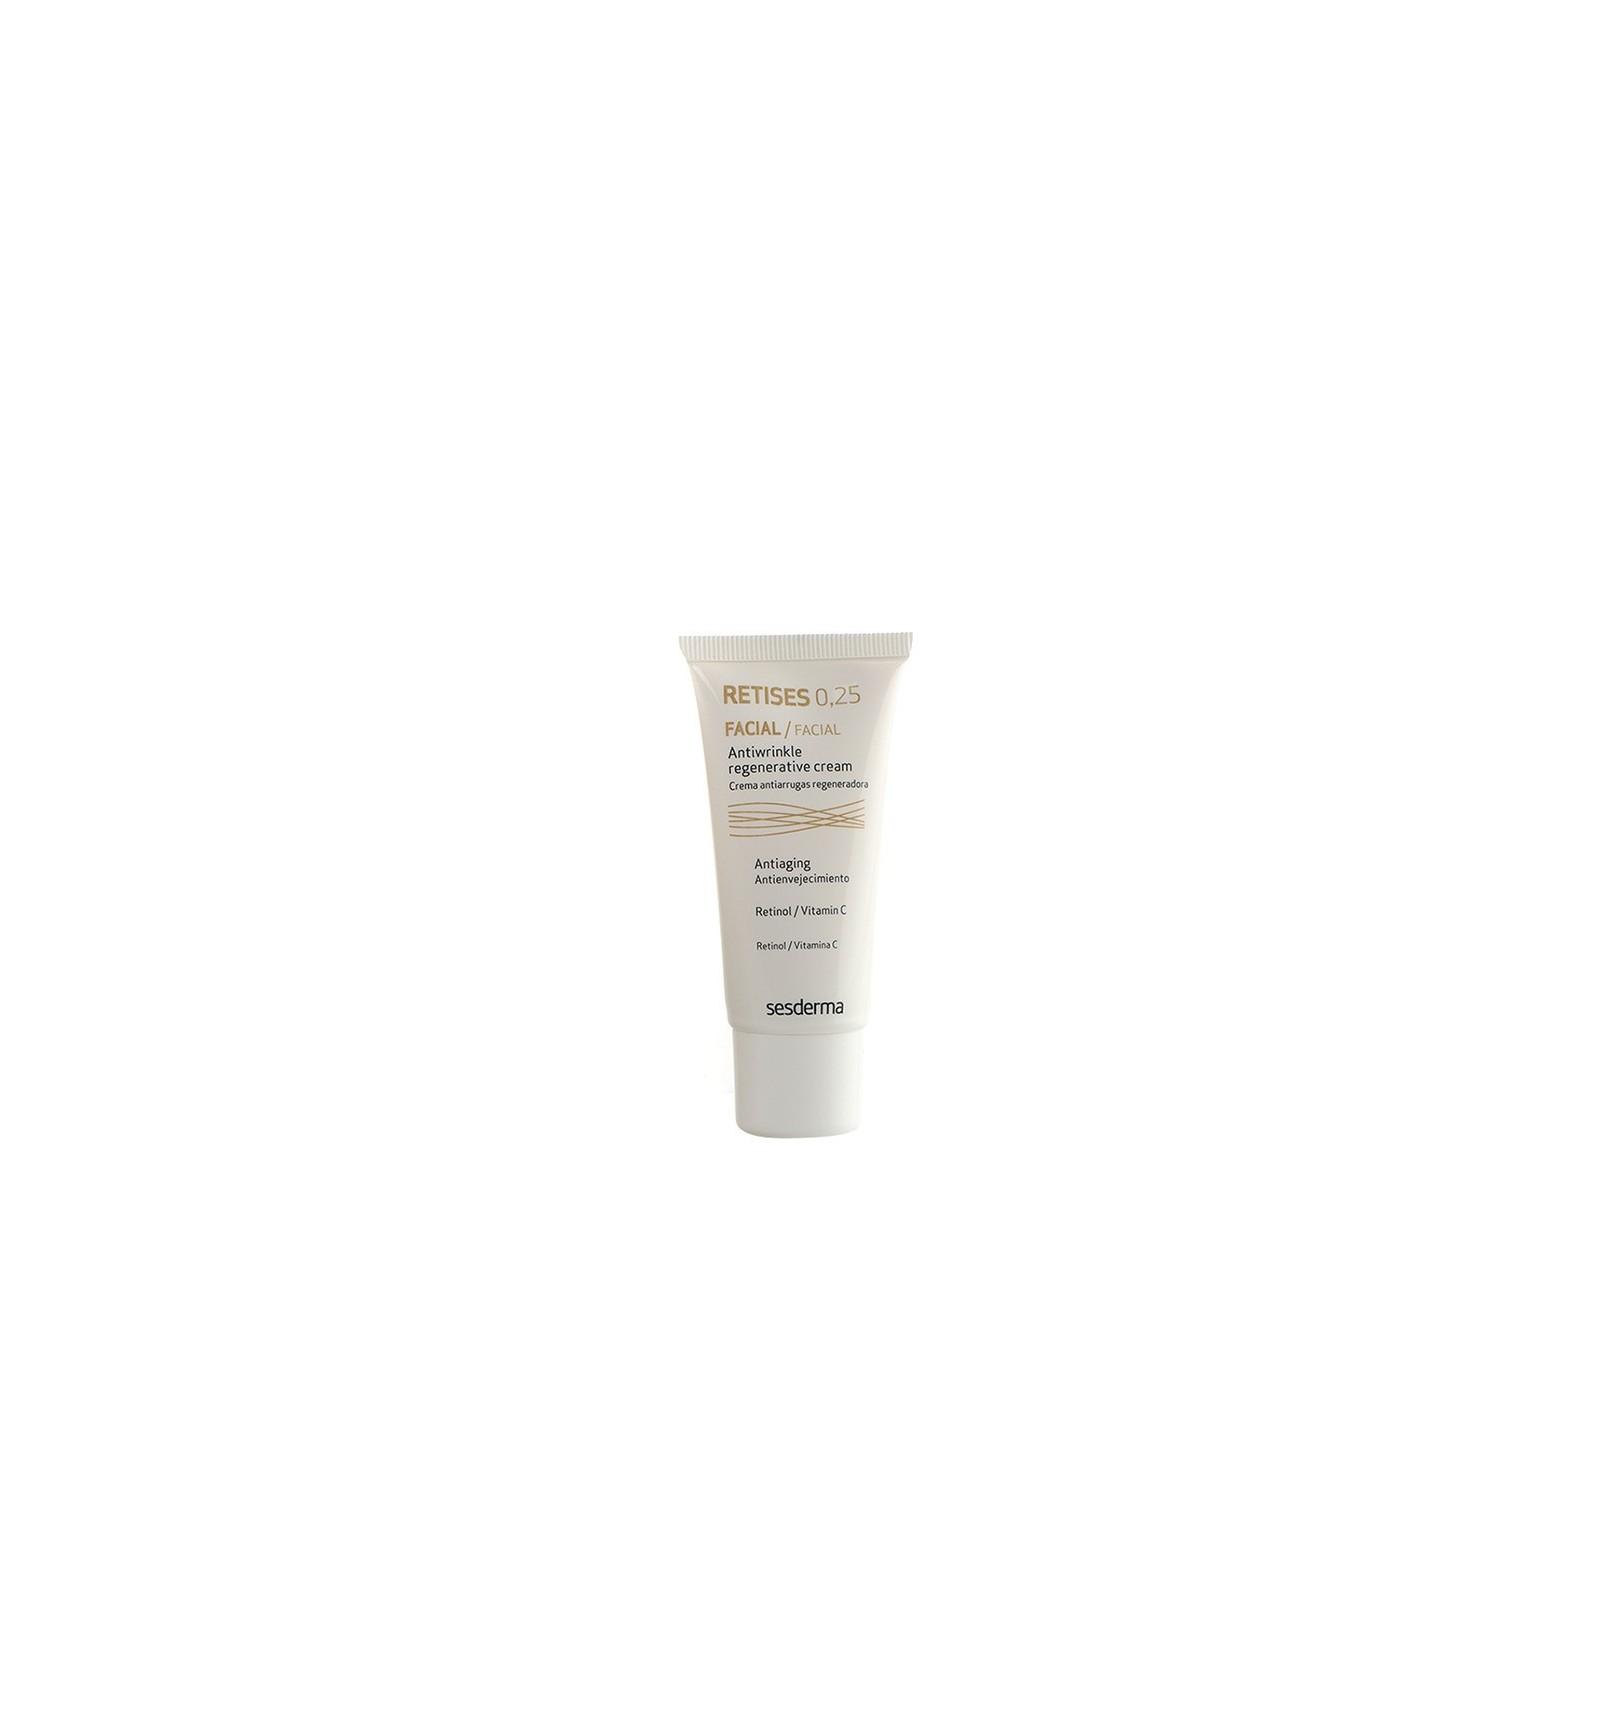 Comprar crema antiarrugas Retises al mejor precio online..